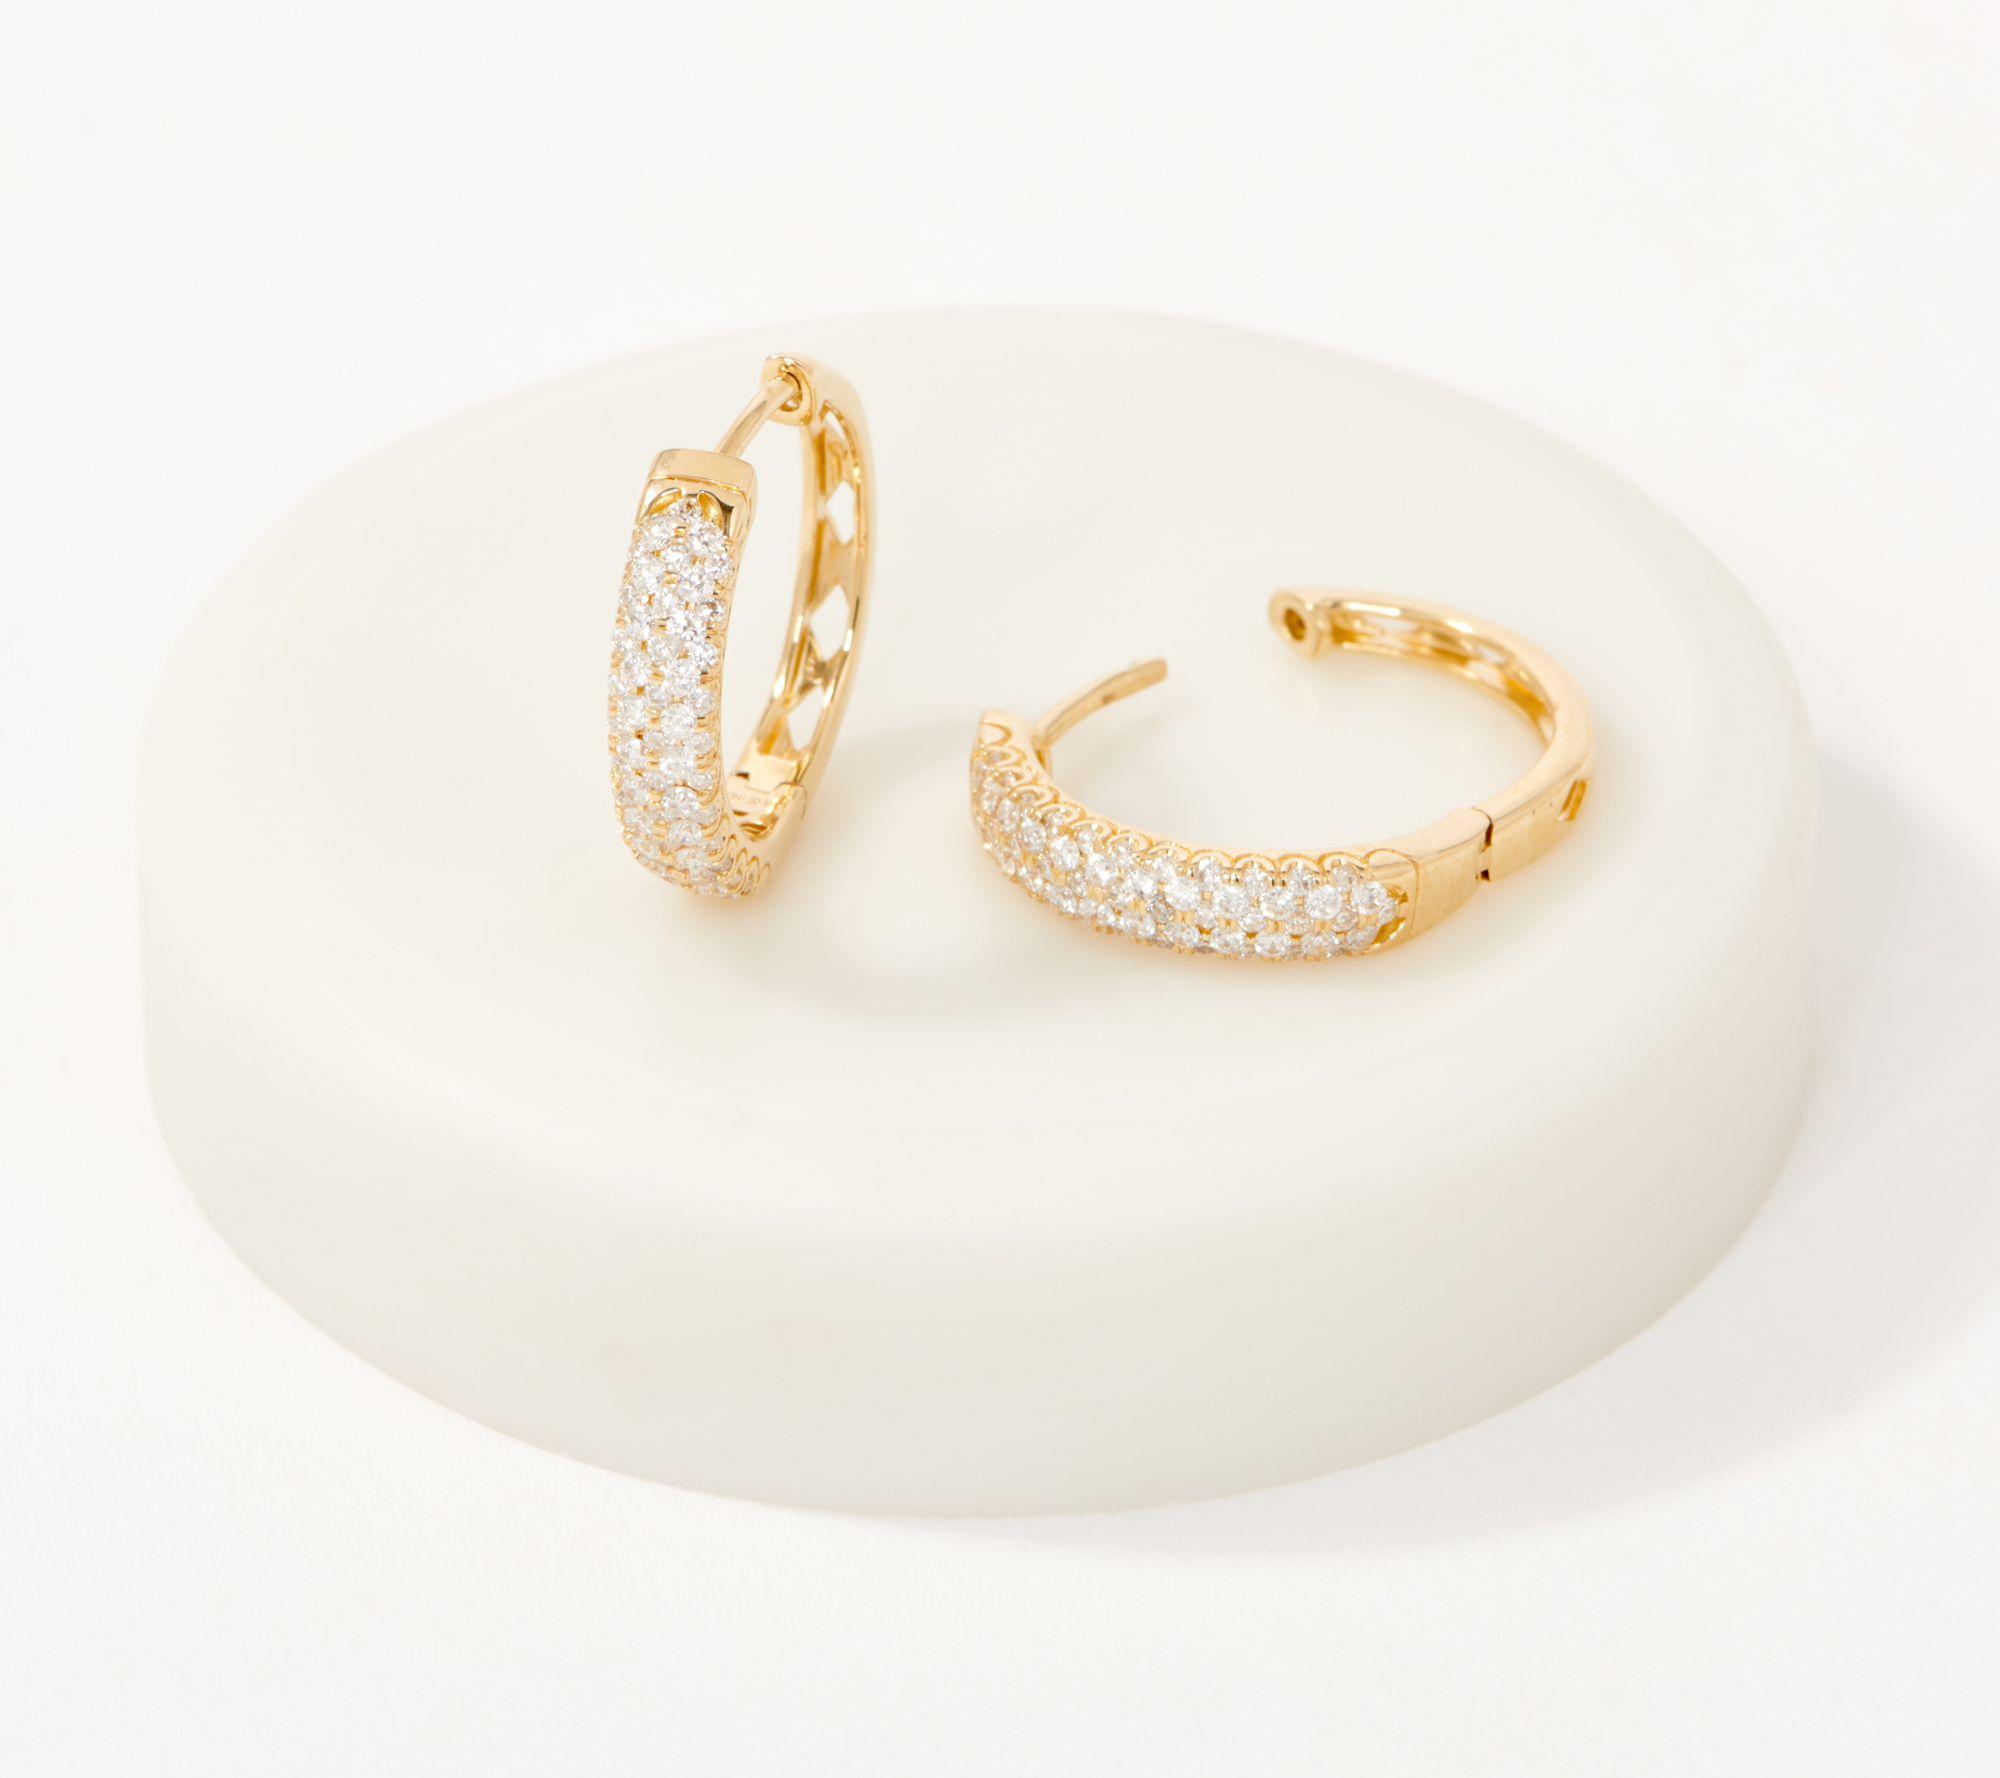 Save 43% on 14K gold diamond hoop earrings